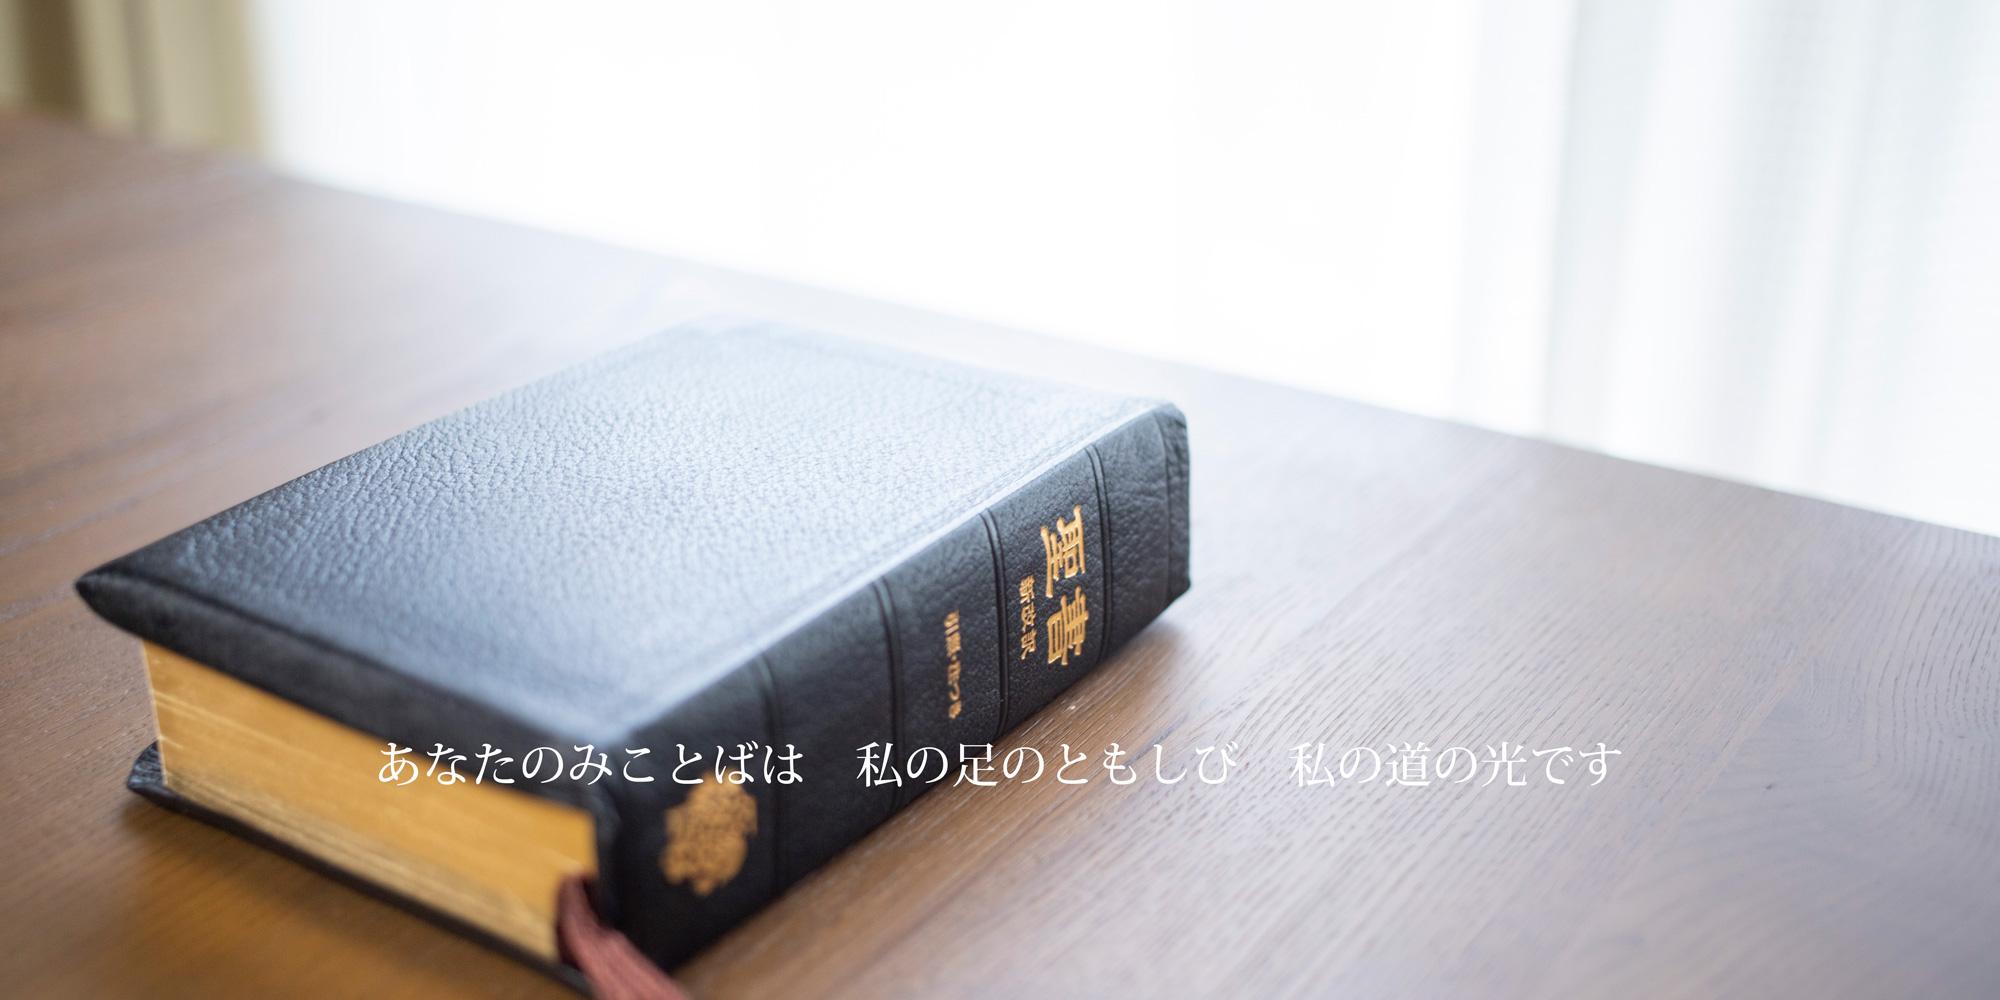 福音伝道サイト みちしるべ